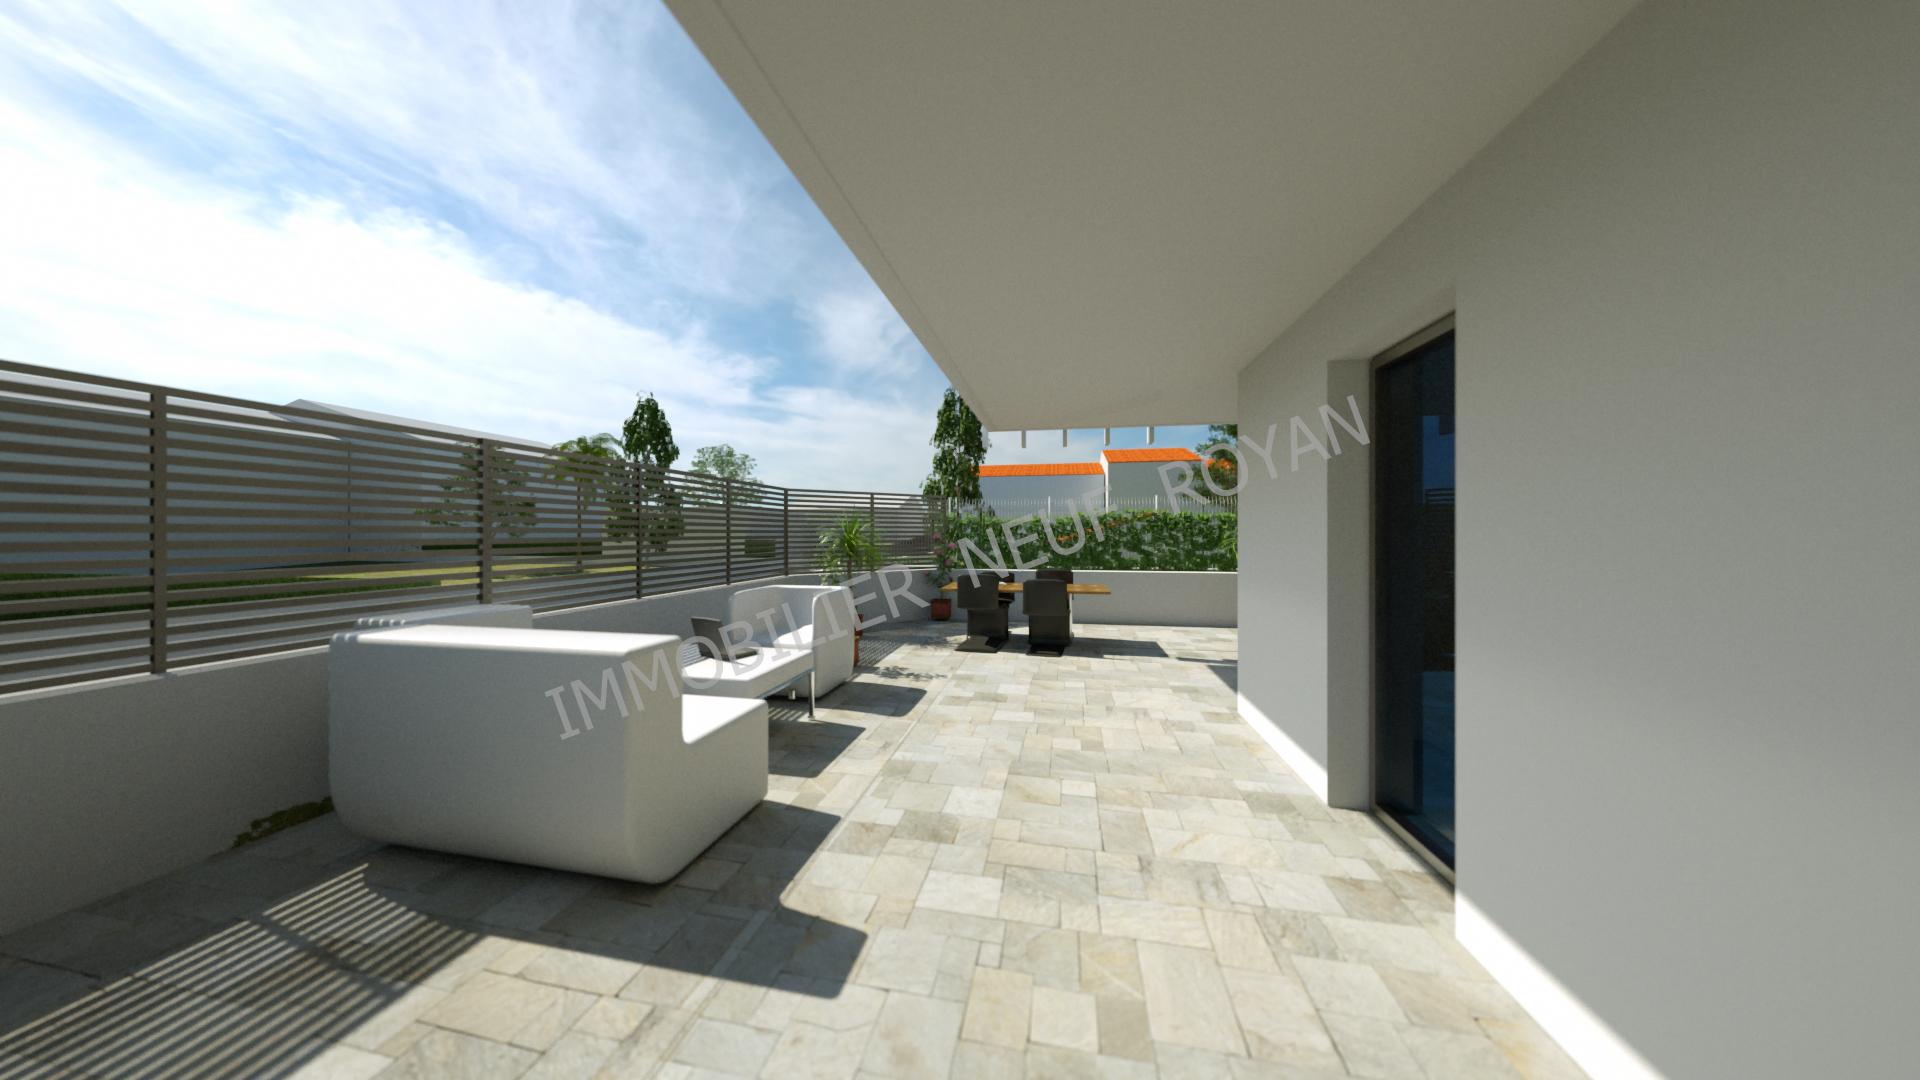 Terrasse A04